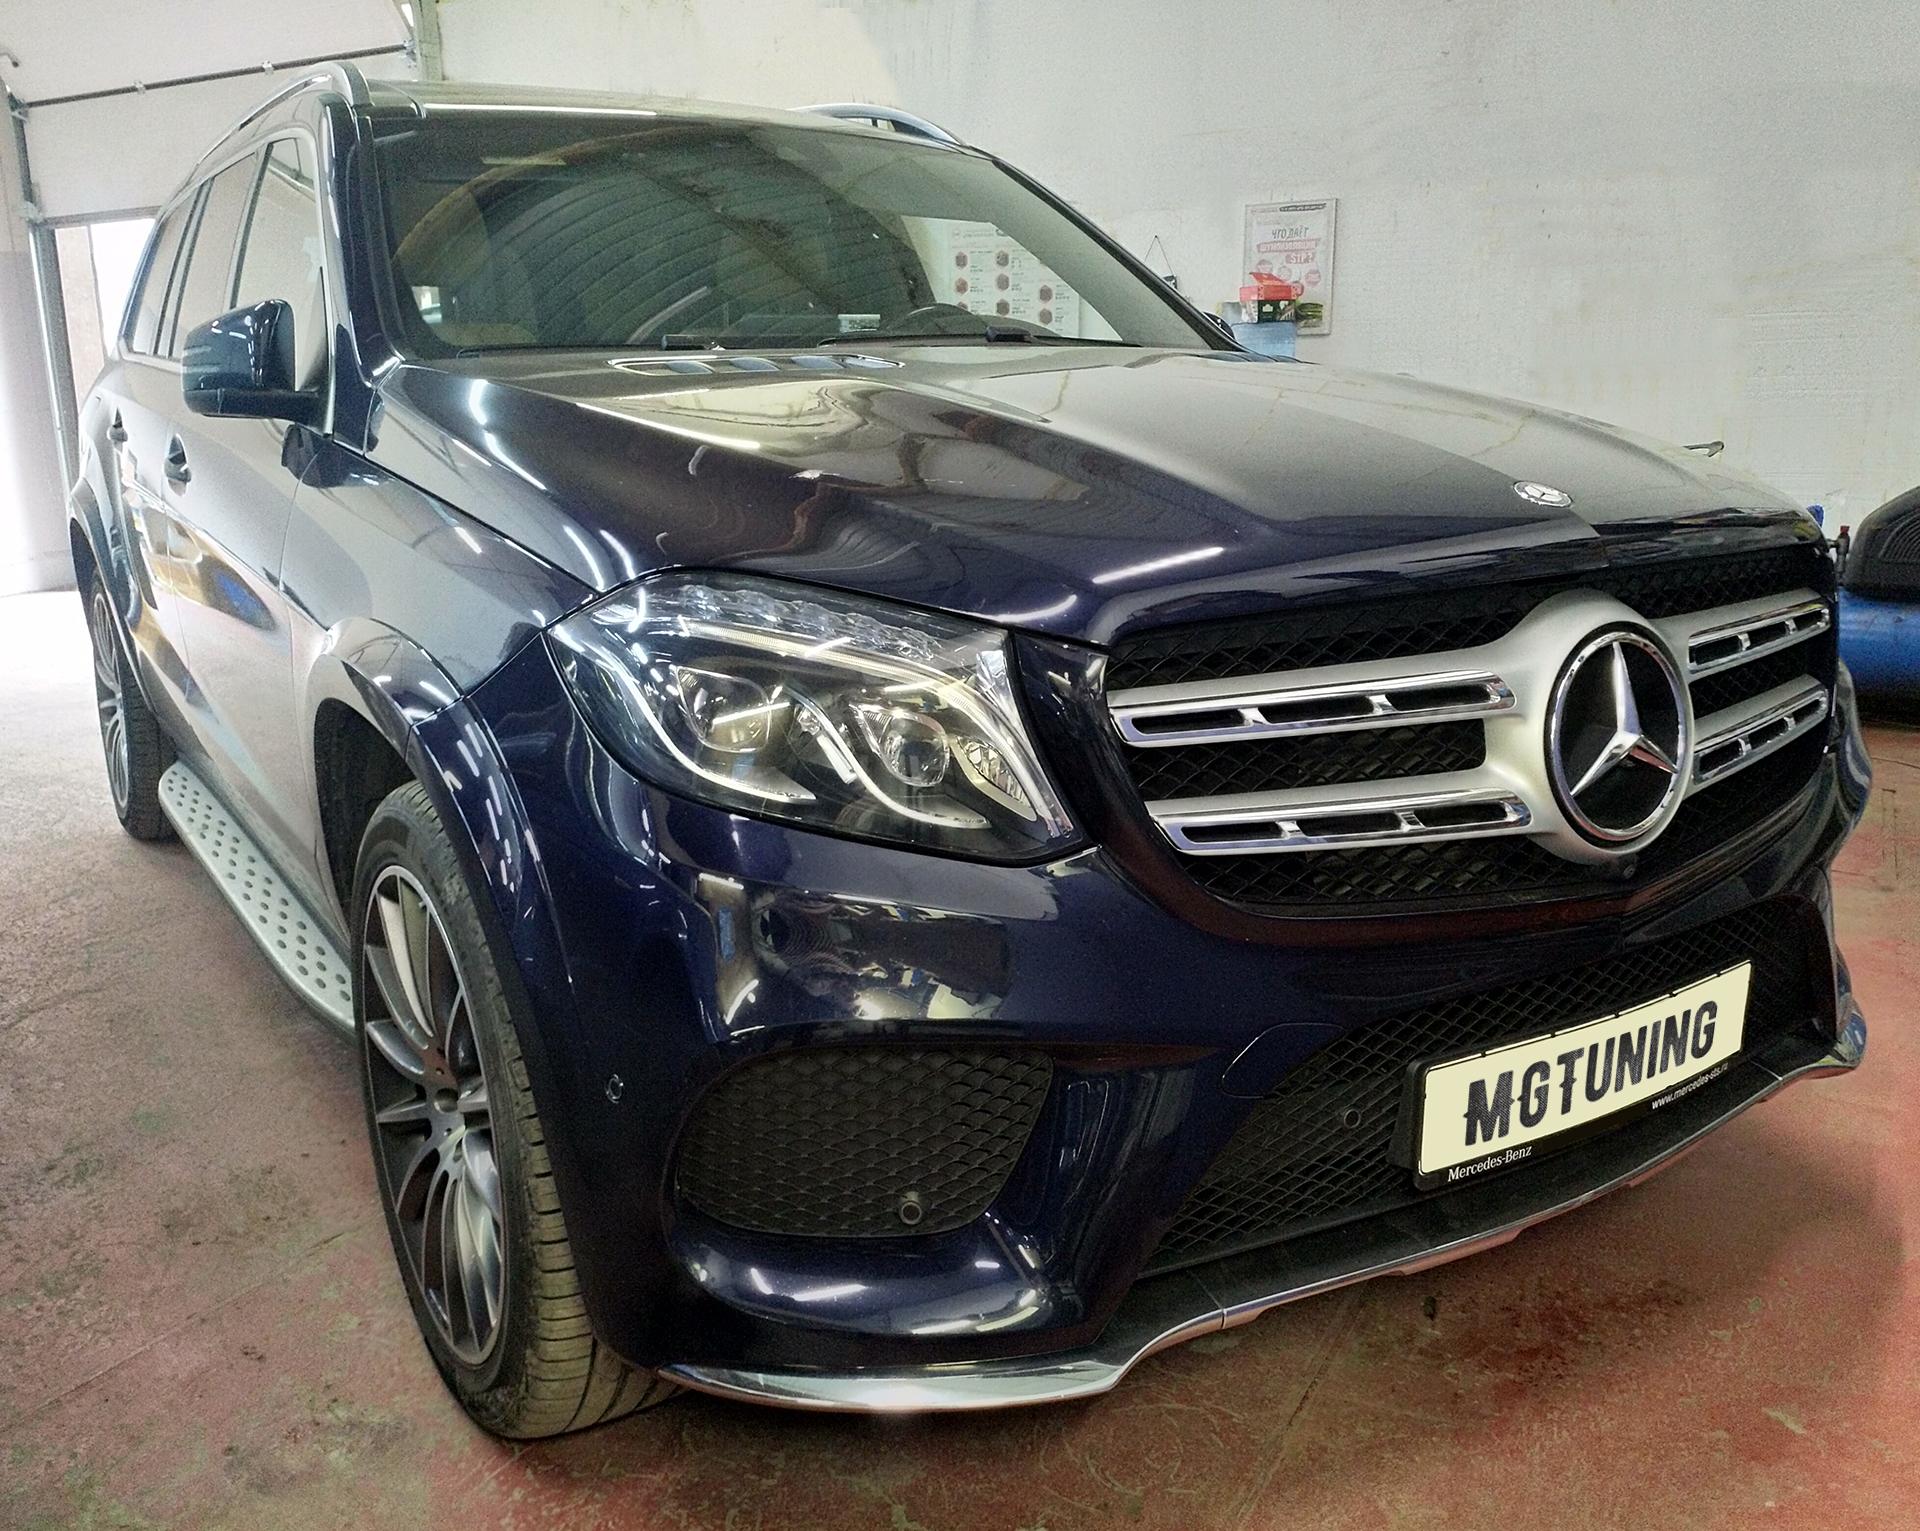 Отключение BlueTec (AdBlue) на Mercedes-Benz GLS 350 CDI